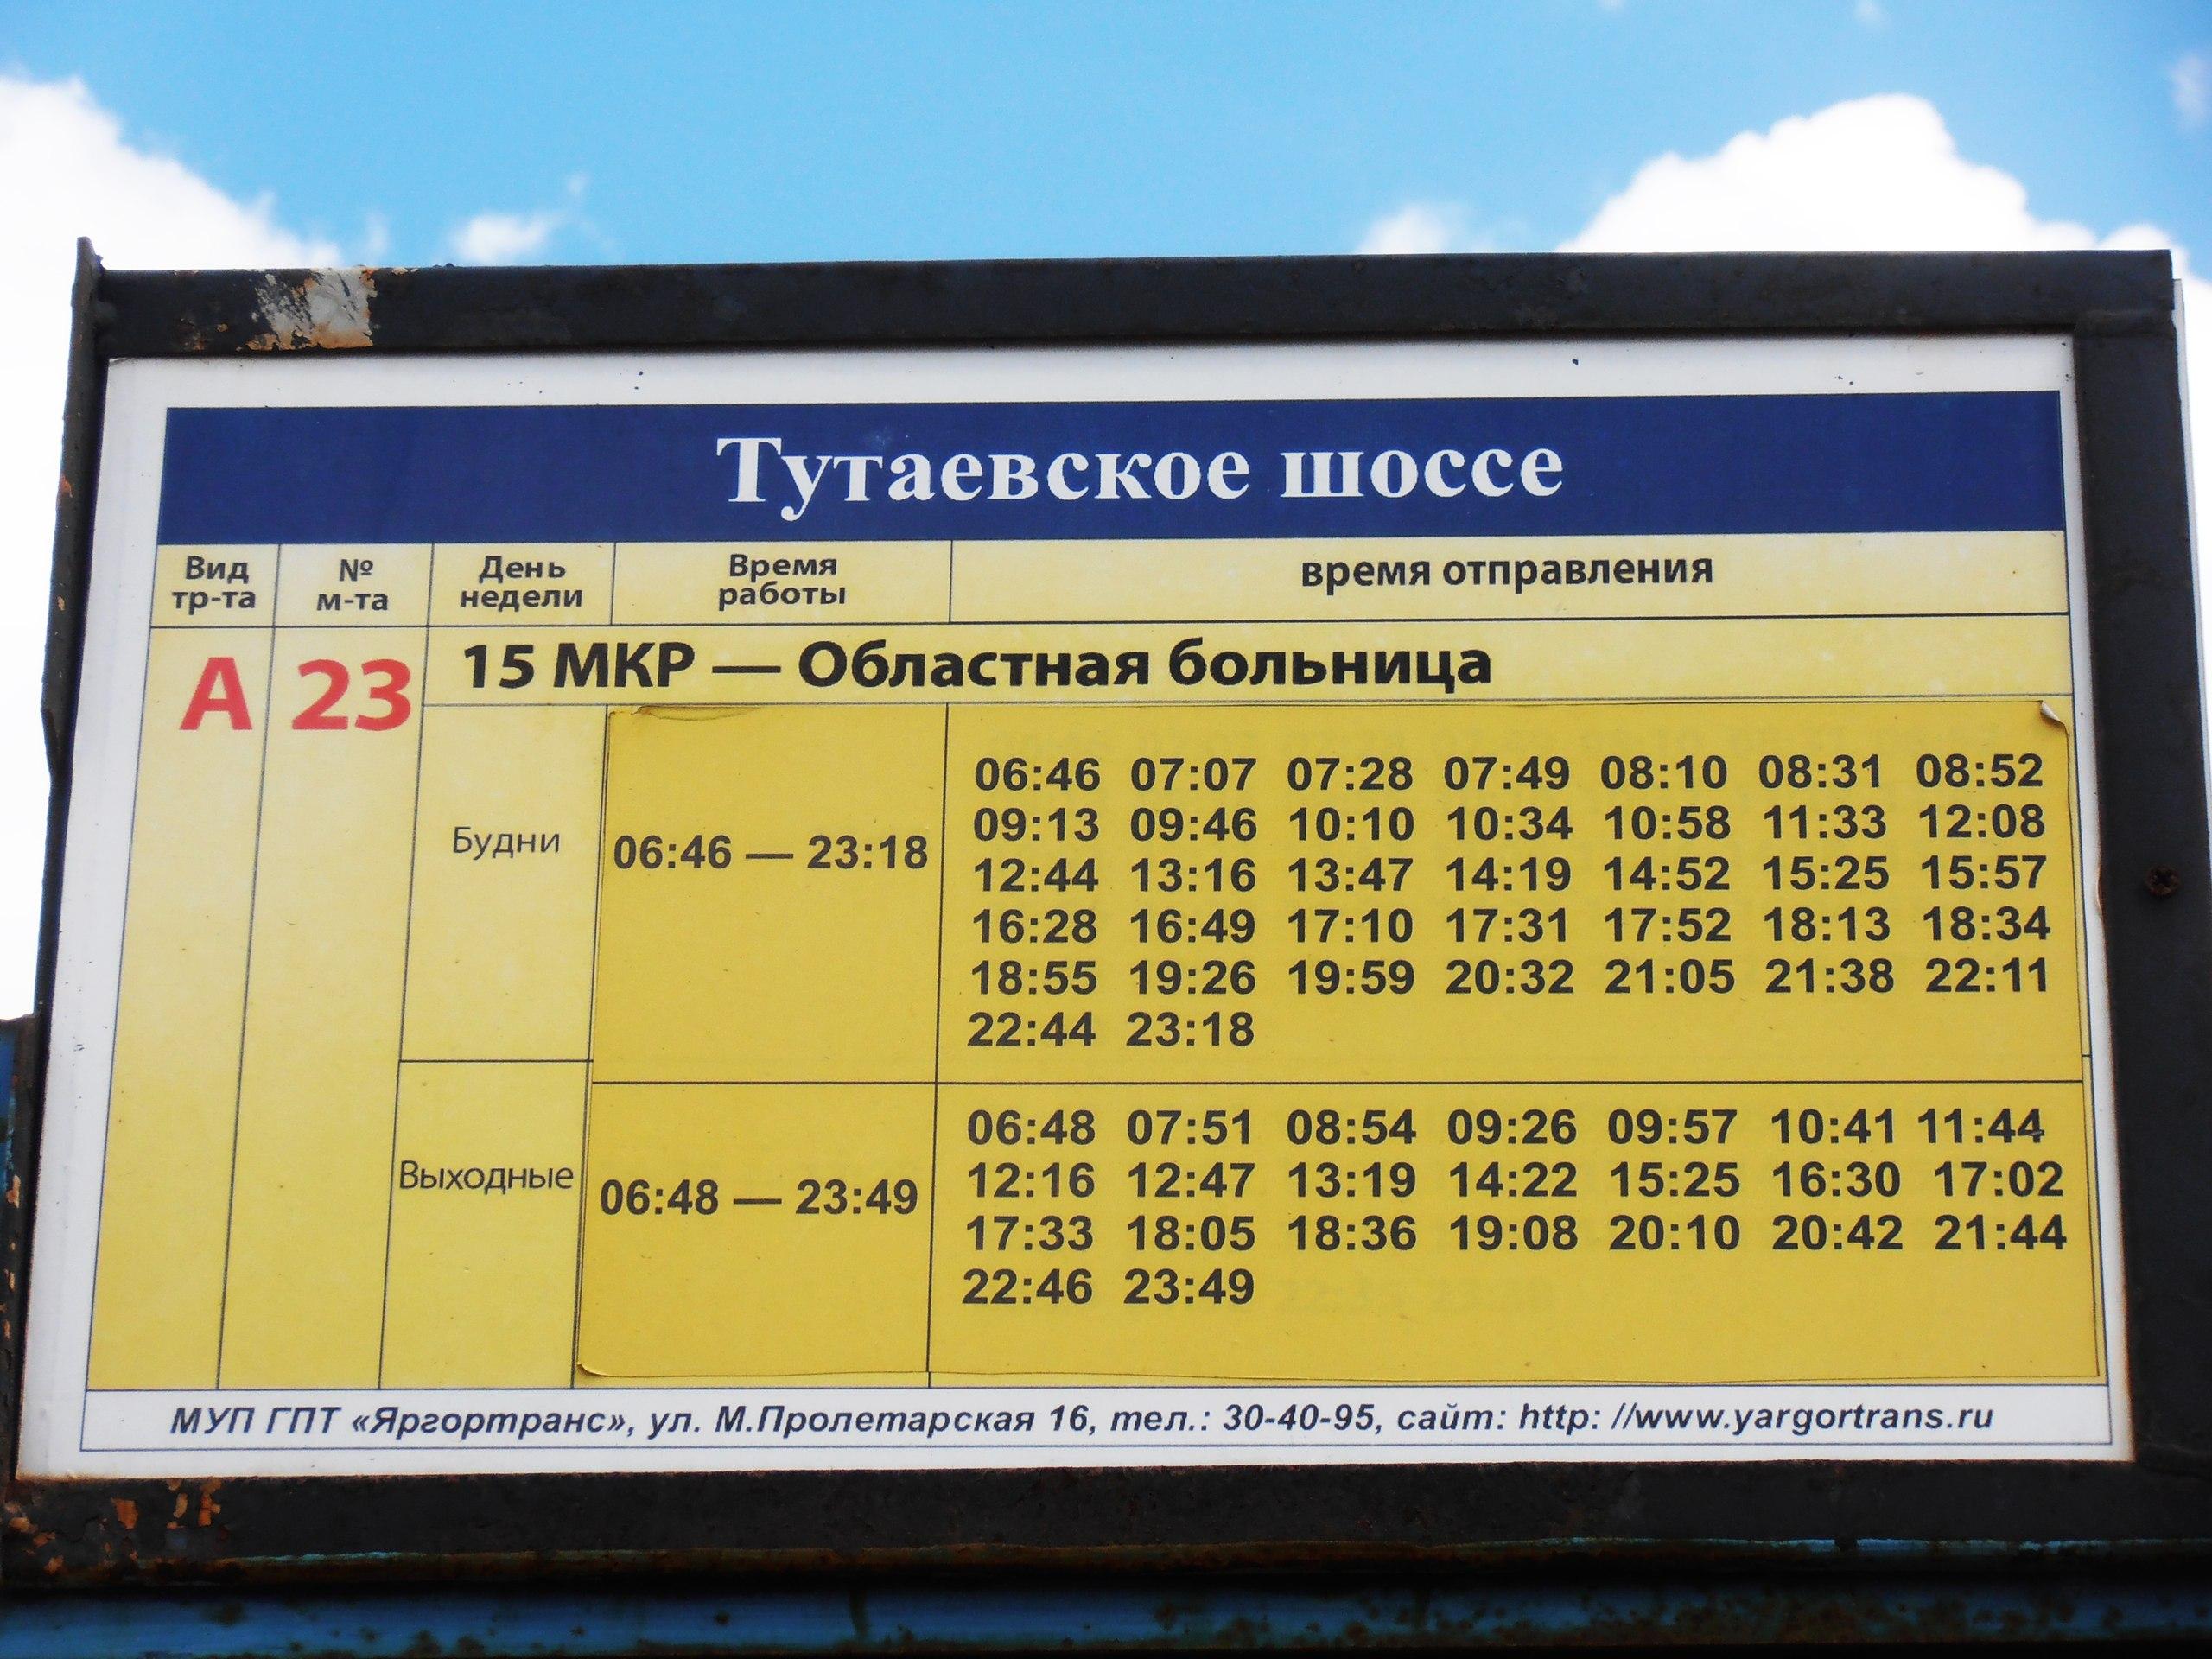 Расписание автобуса №23. Остановка